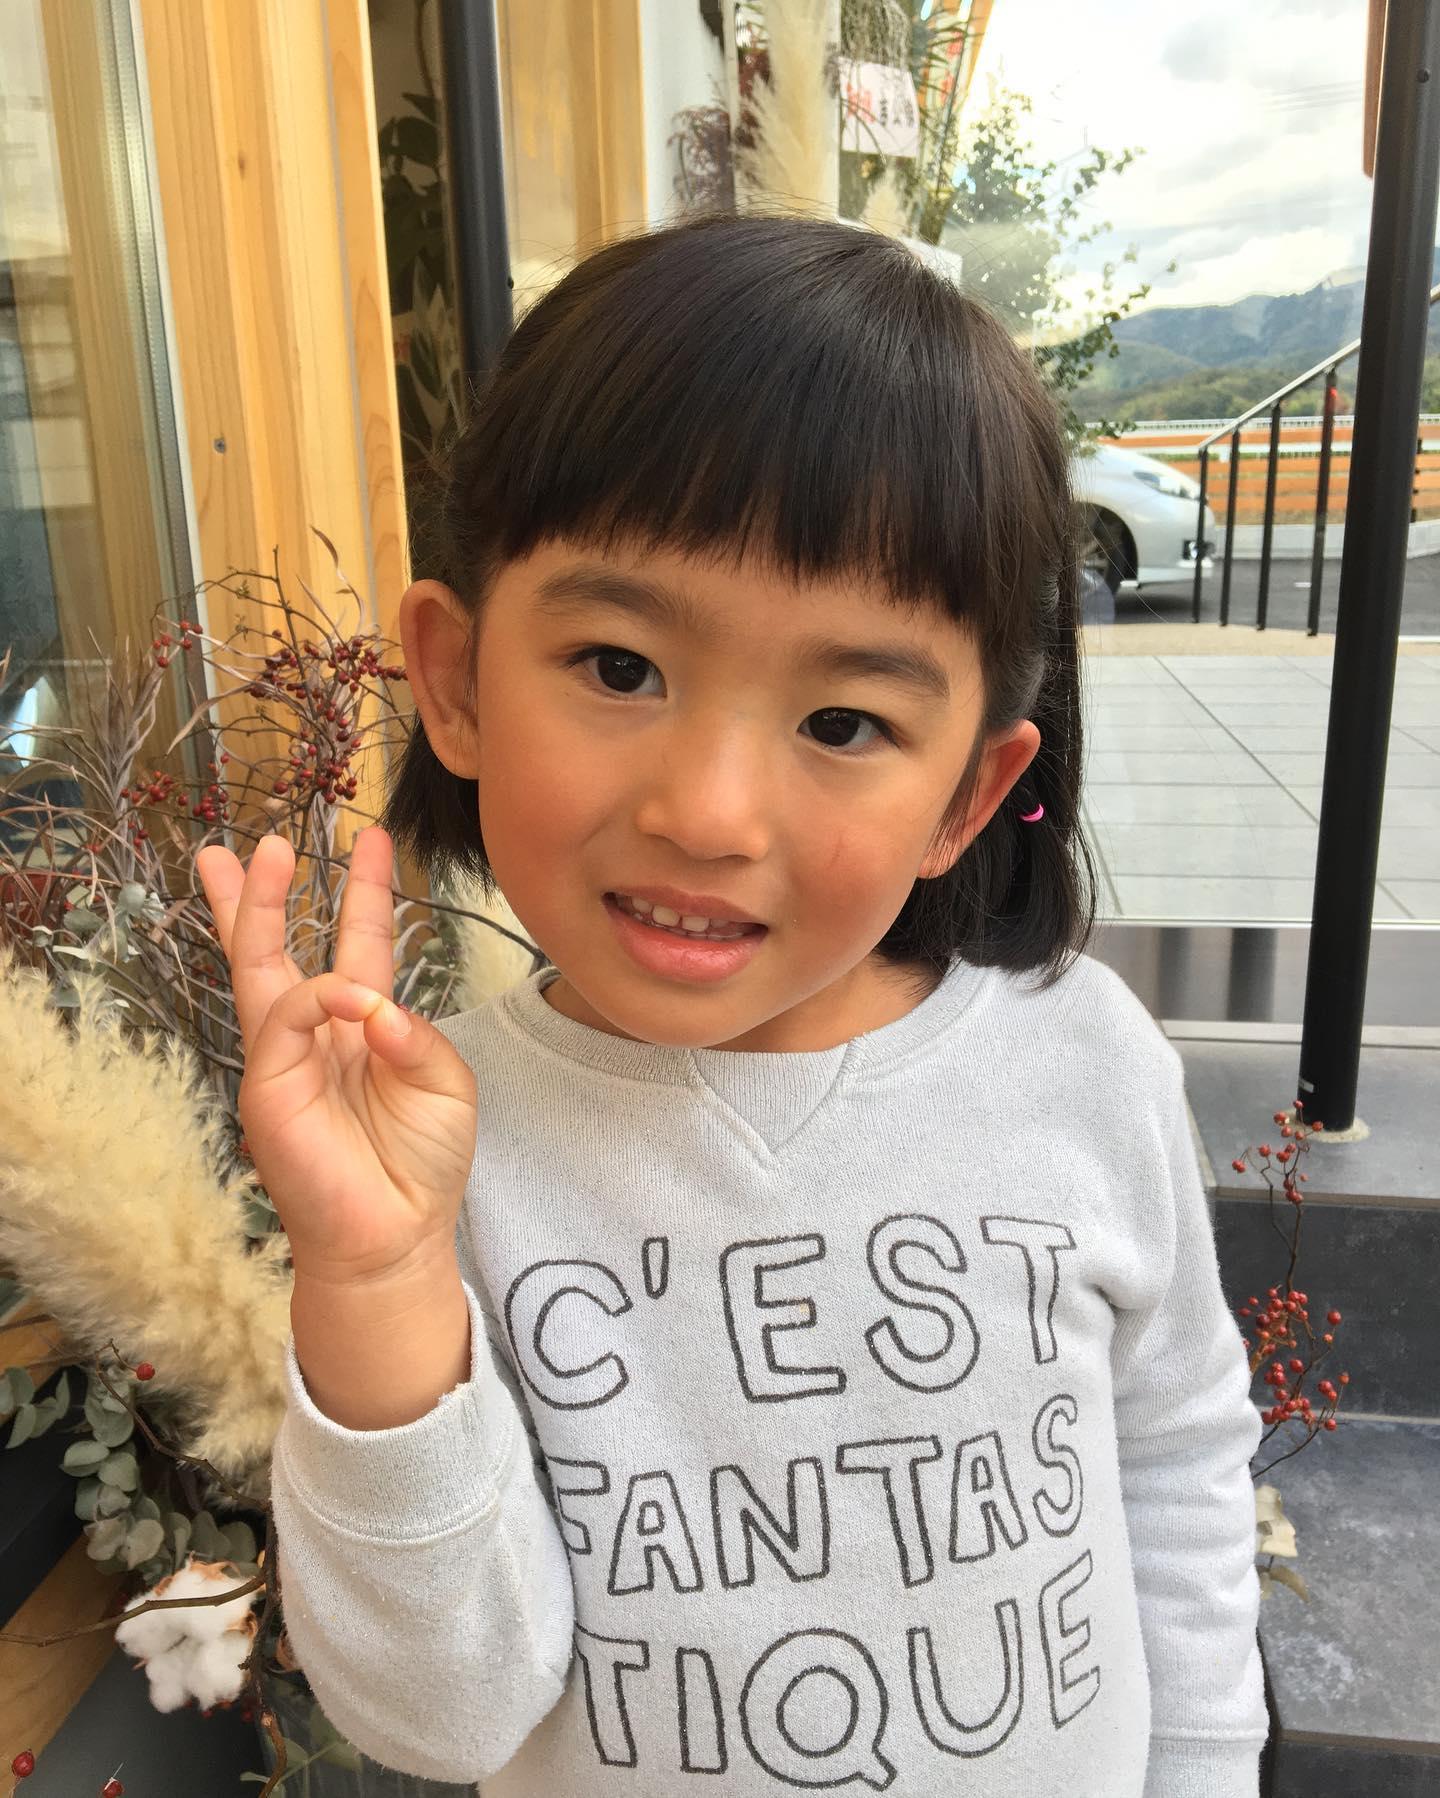 バッサリ︎可愛いボブに️..ピースじゃなくて、3歳️.. #バッサリ#ボブ#ちびまるこちゃん #可愛い#..〠627-0004京丹後市峰山町荒山1220-1︎0772608704close:Wednesday